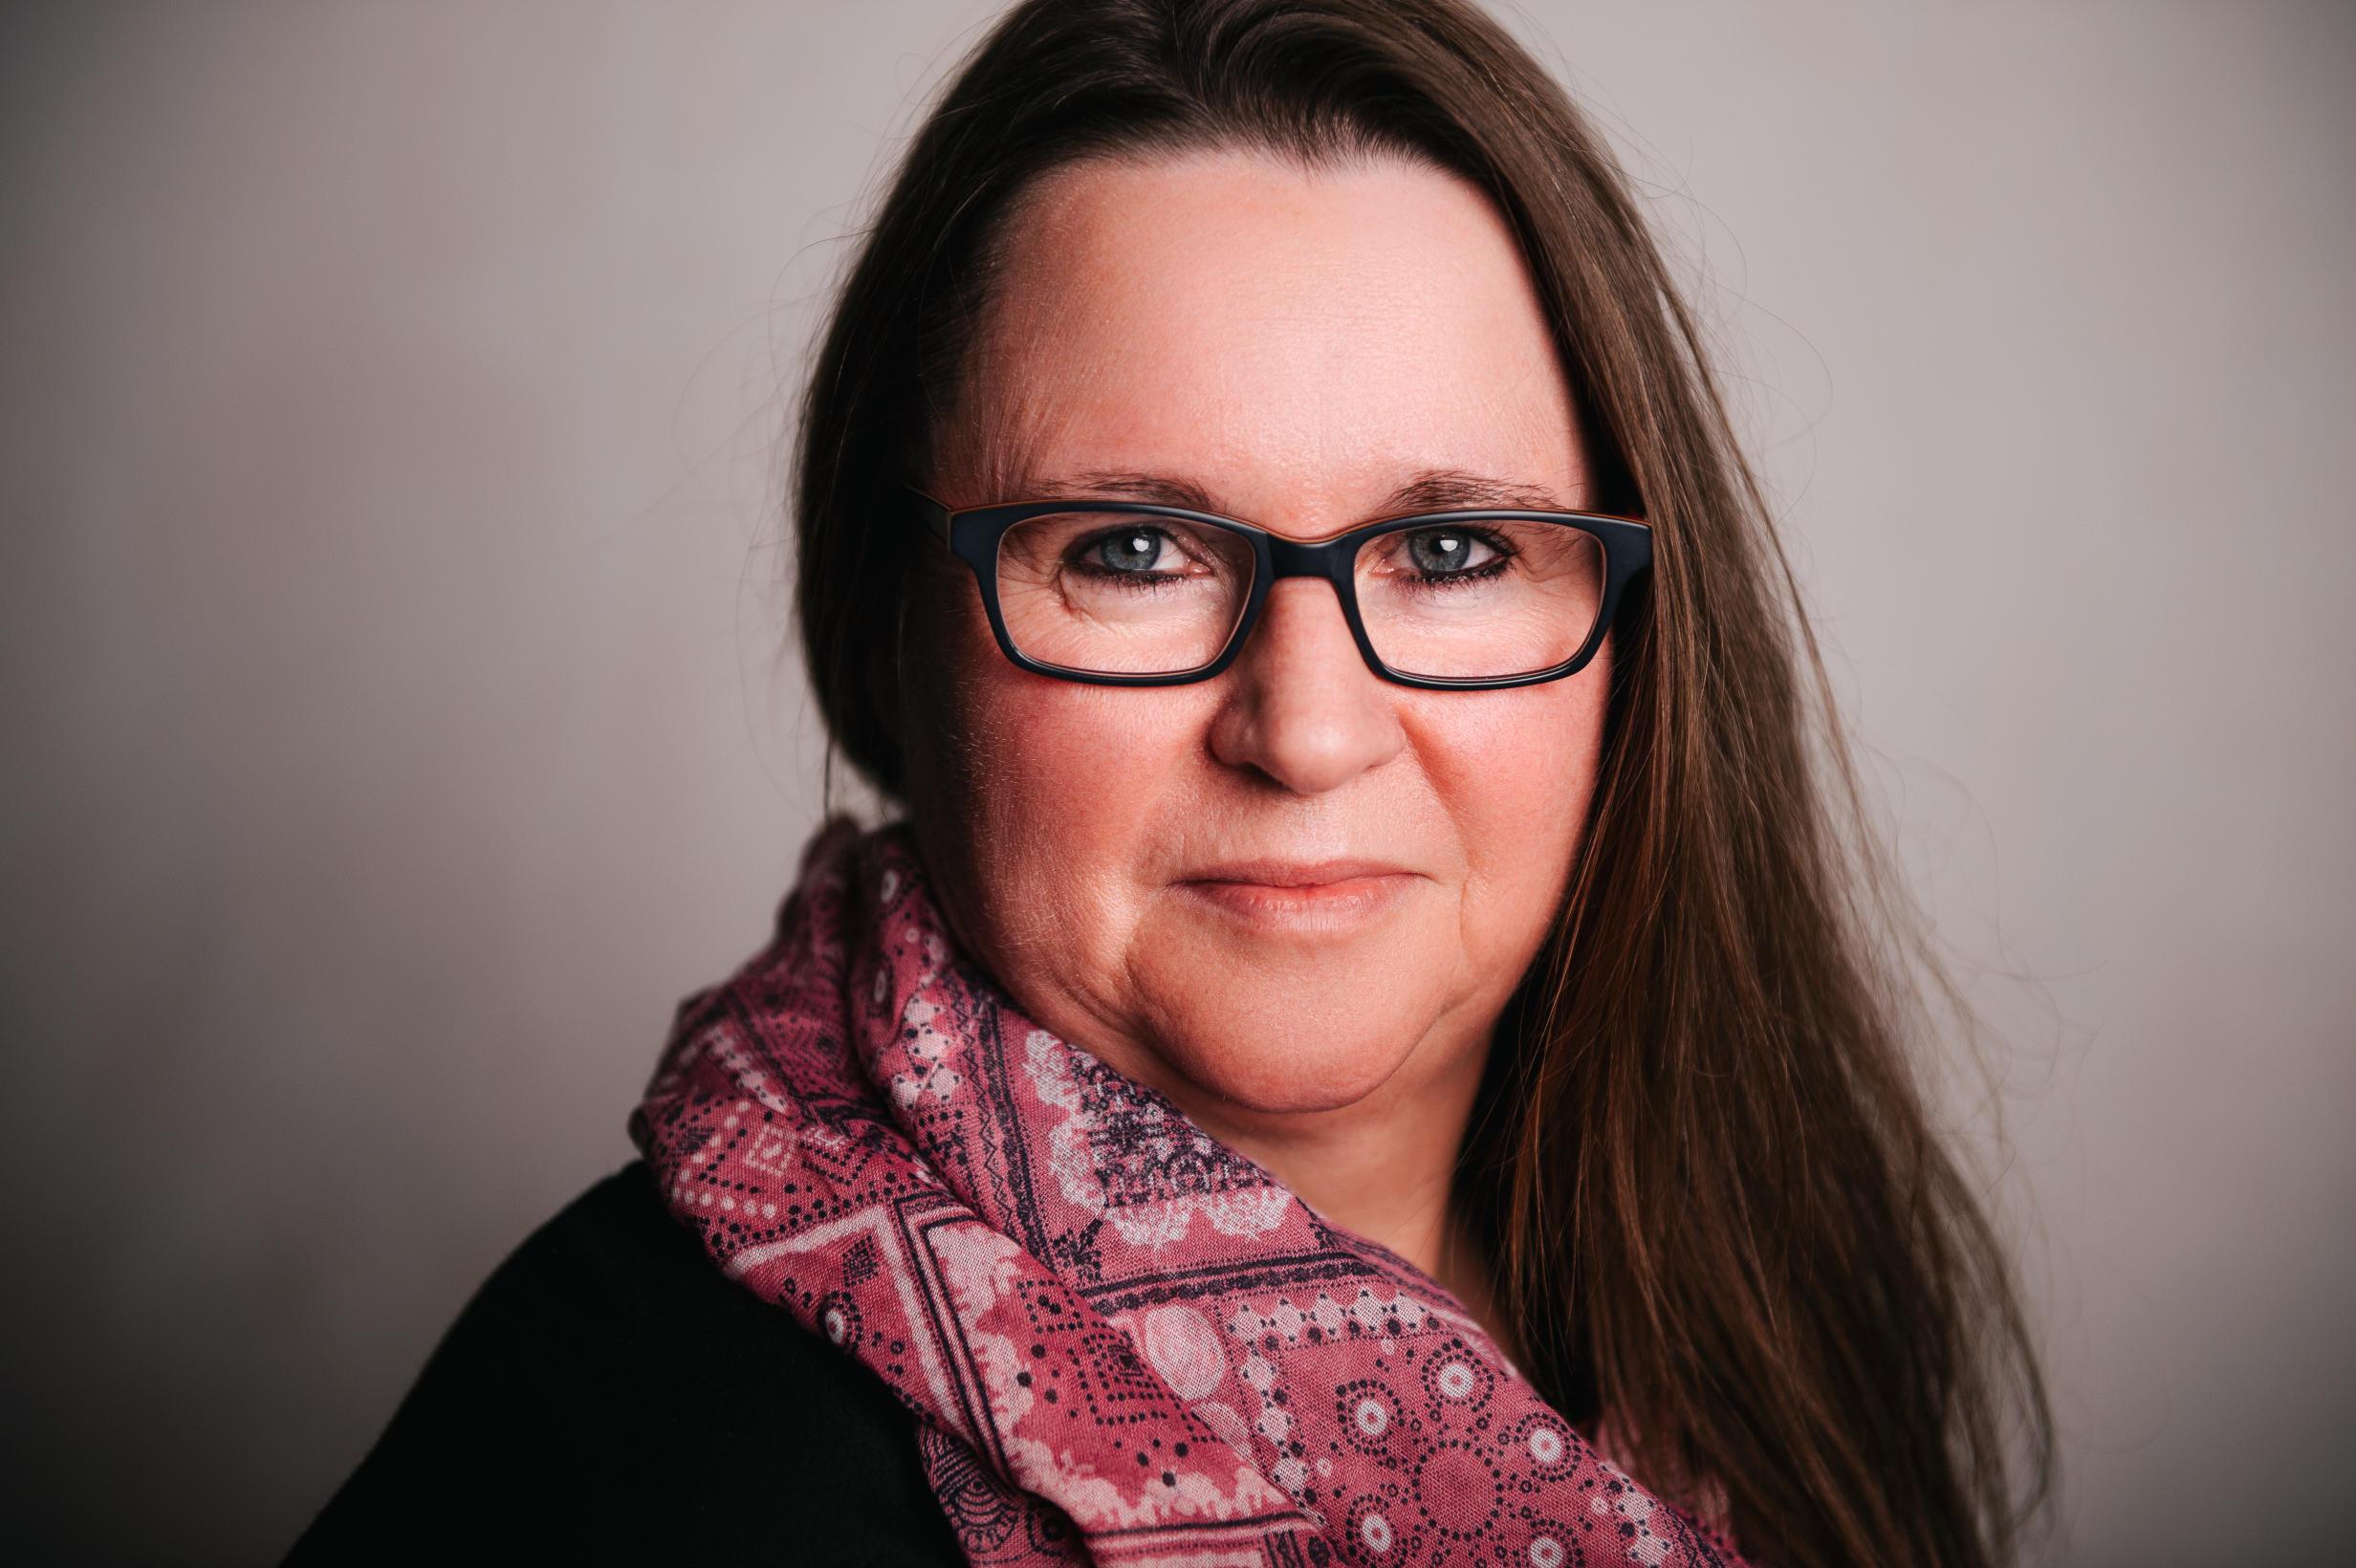 Trauerrednerin Martina Zier-Runge